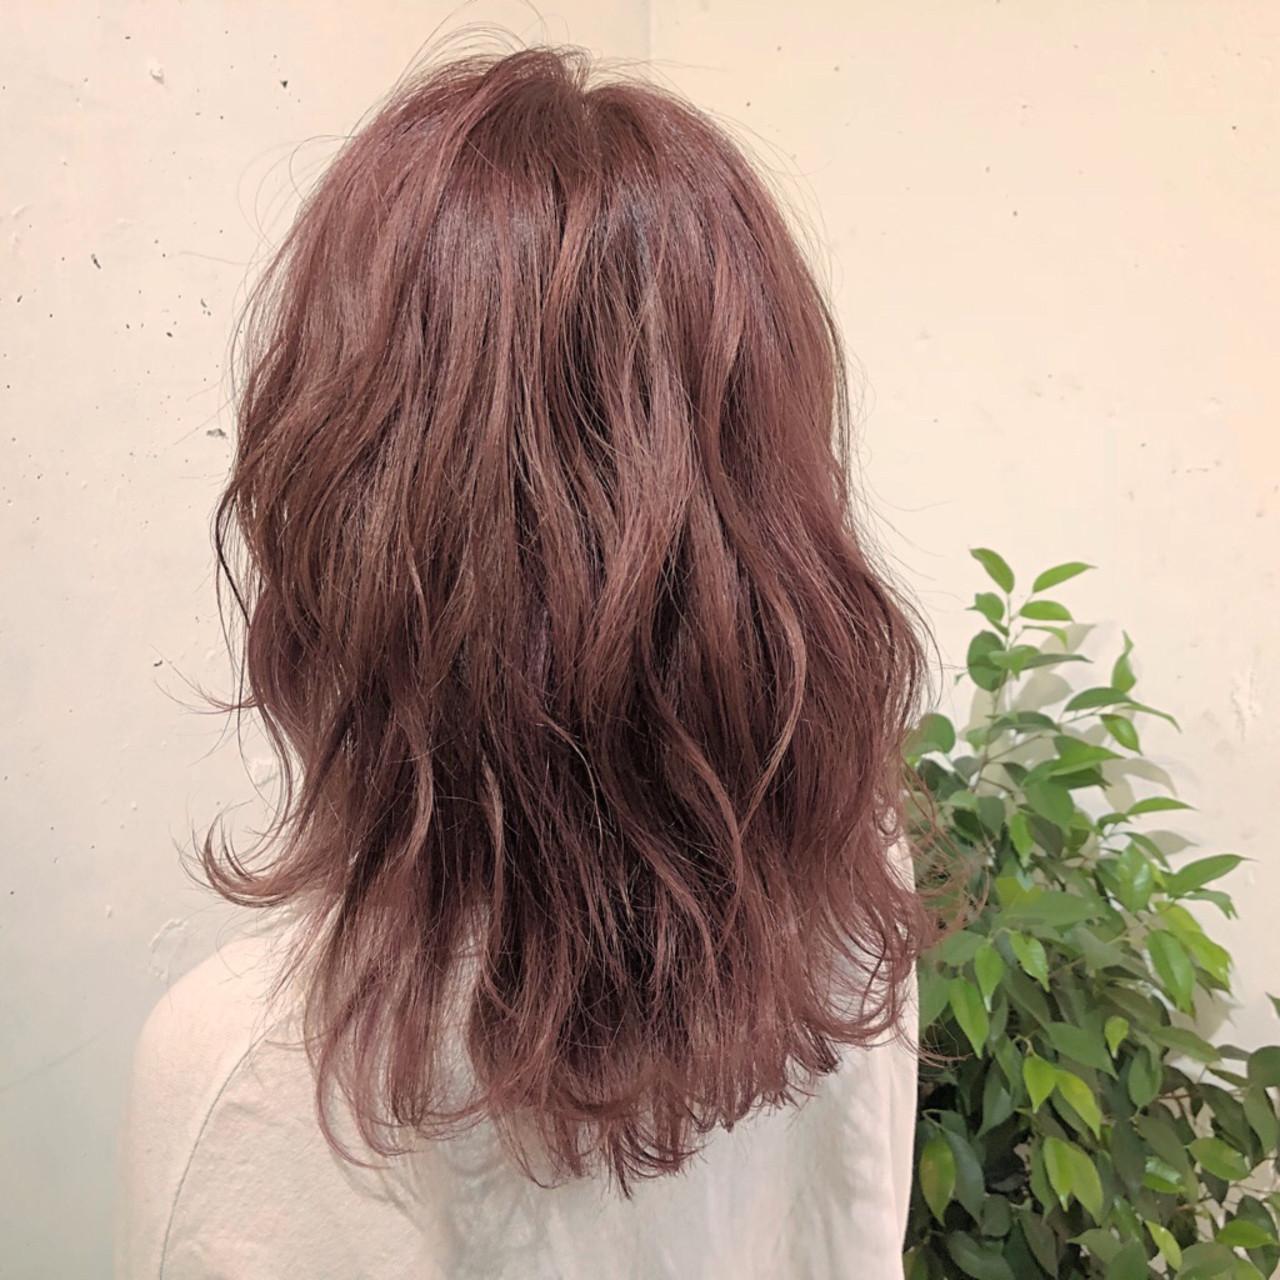 ミディアム フェミニン イルミナカラー 透明感 ヘアスタイルや髪型の写真・画像